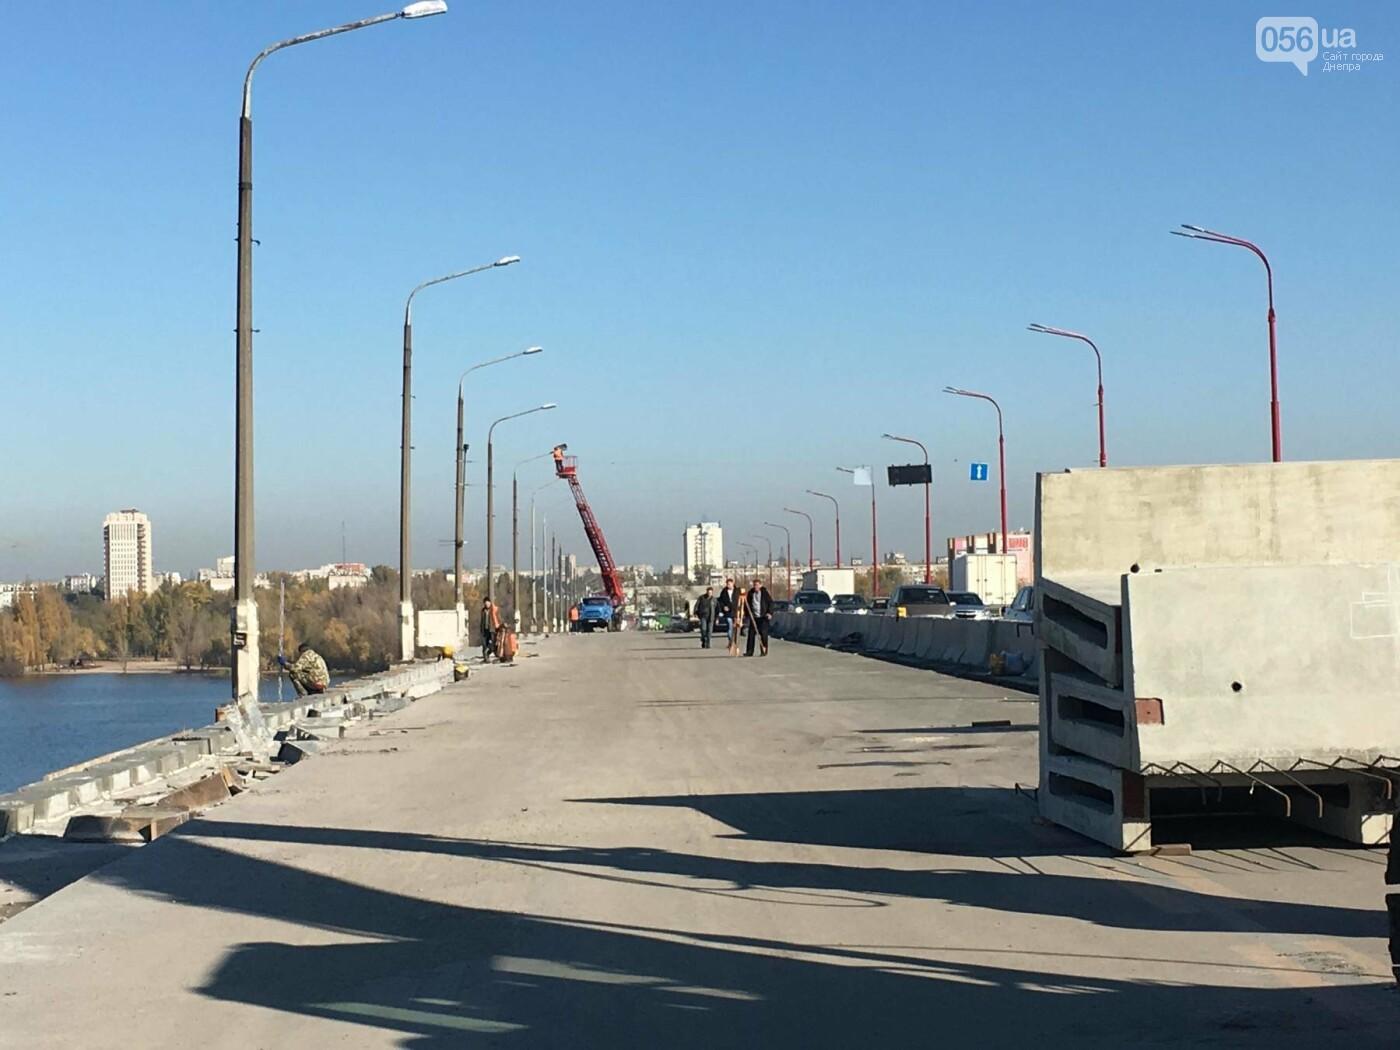 На Новом мосту в Днепре продолжает падать фонарный столб: что с ним будут делать, - ФОТО,  ВИДЕО, фото-4